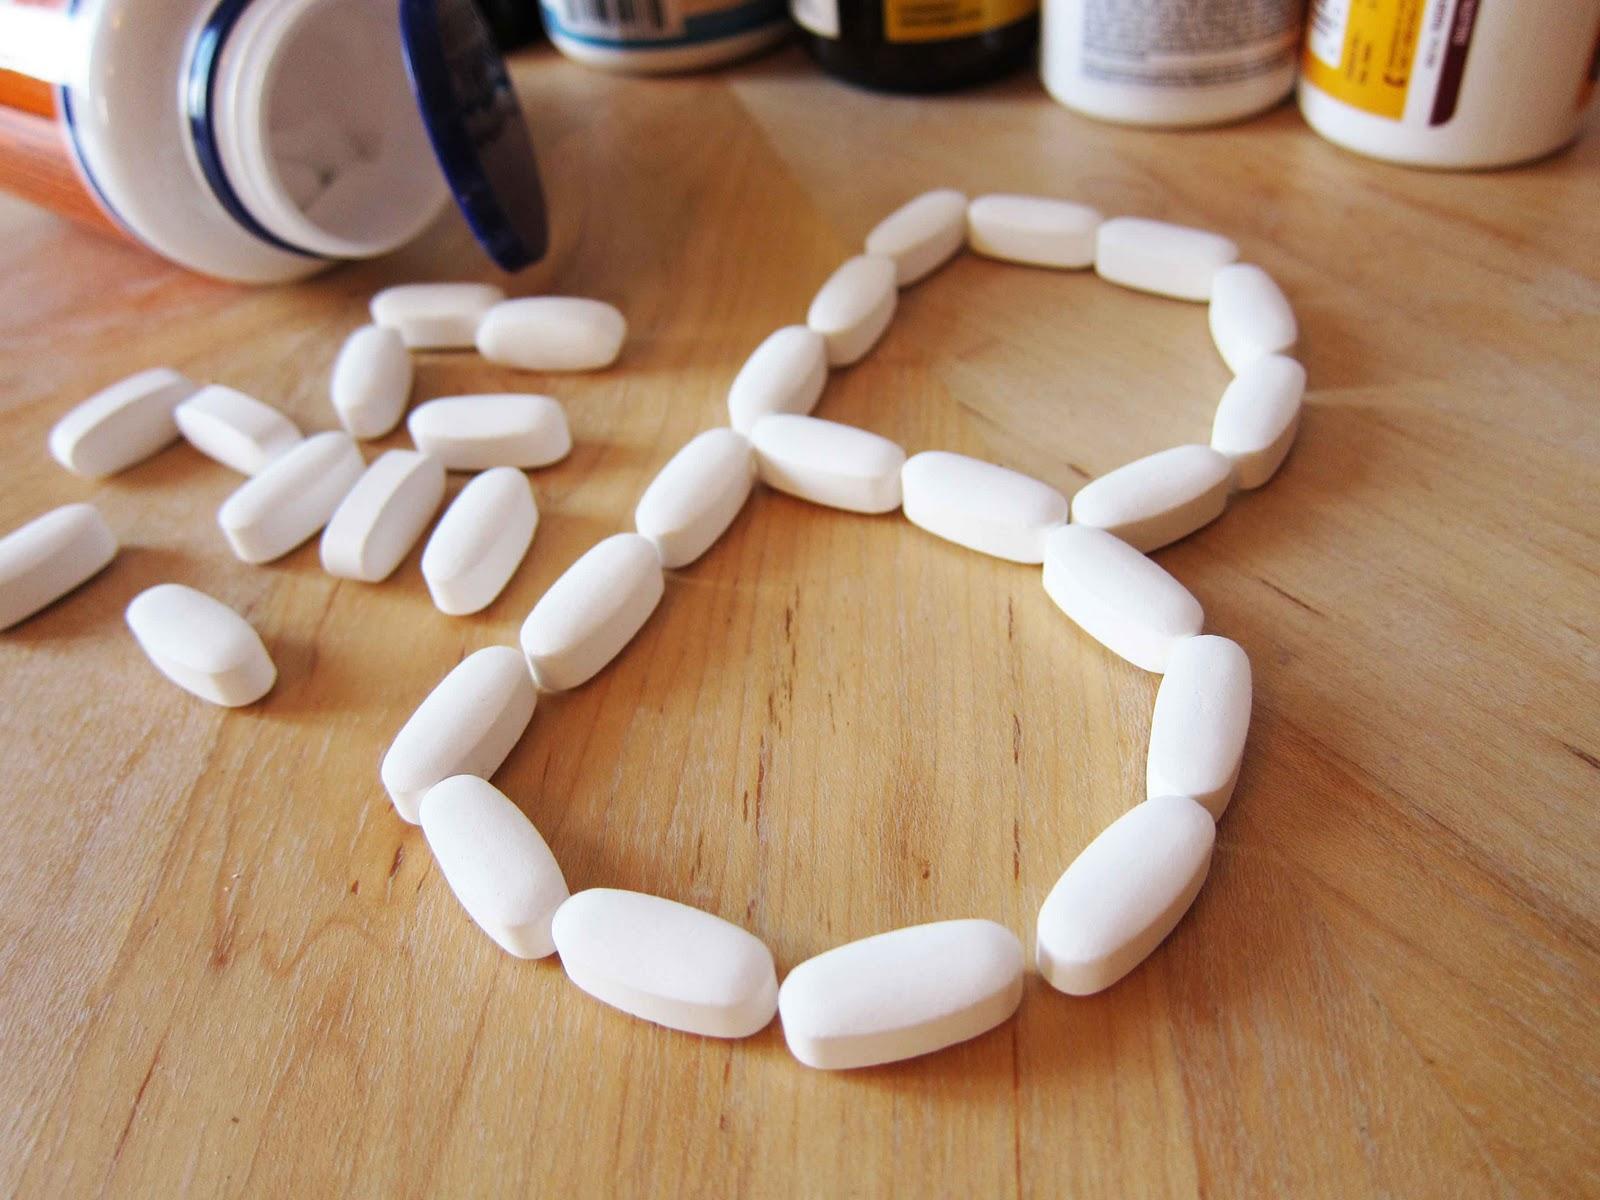 Em nghe nói uống vitamin B có thể trị mụn không biết thực hư thế nào ?